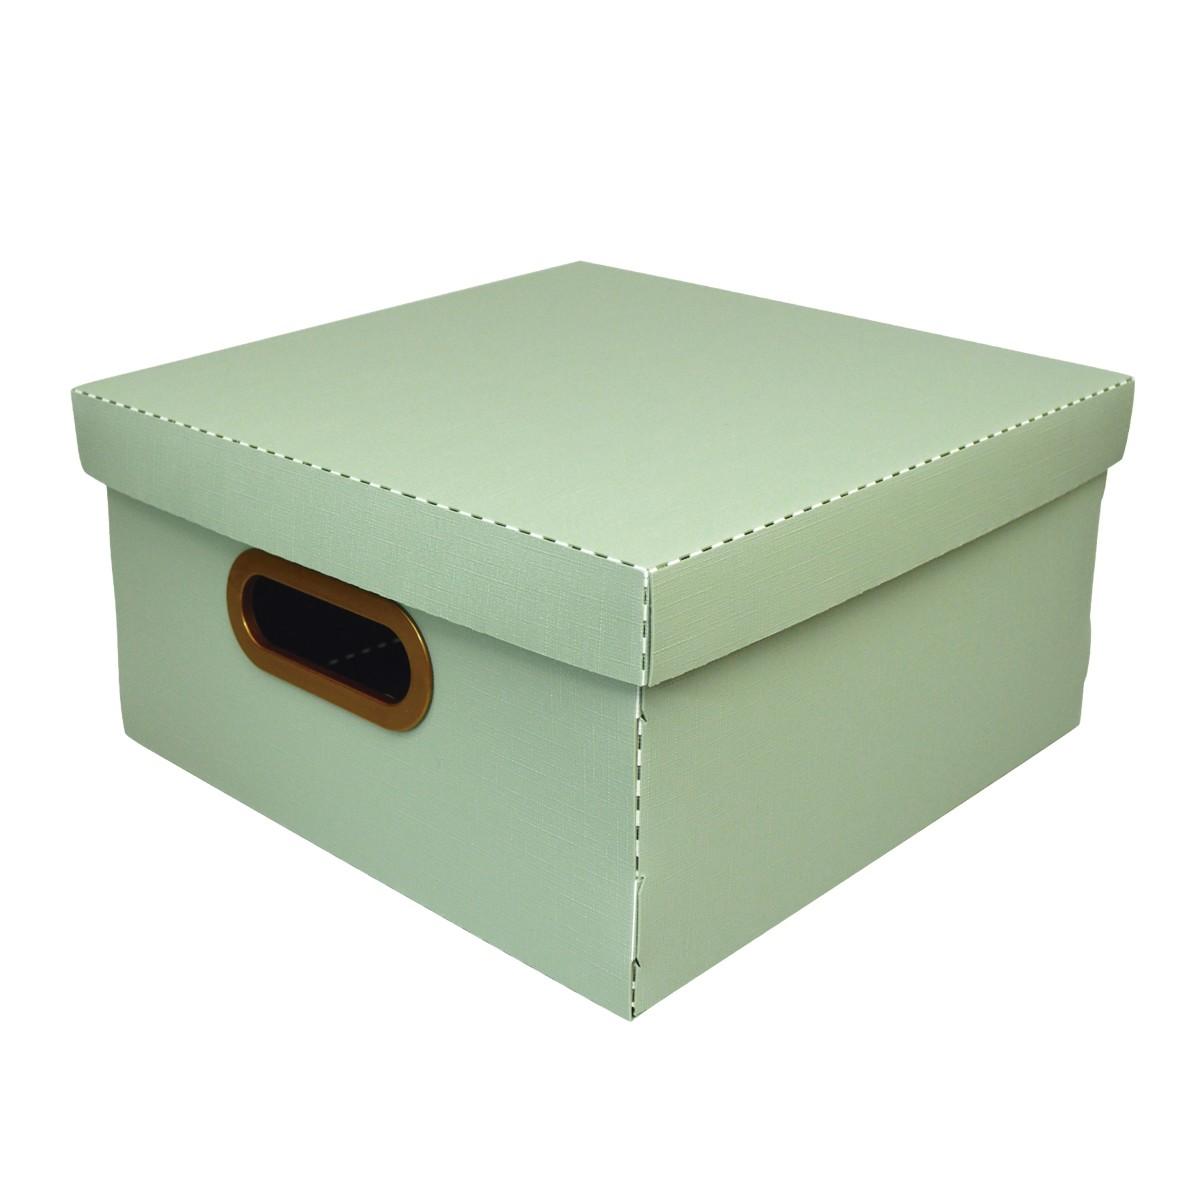 Caixa Organizadora 29x29cm Verde 2205 - Protea